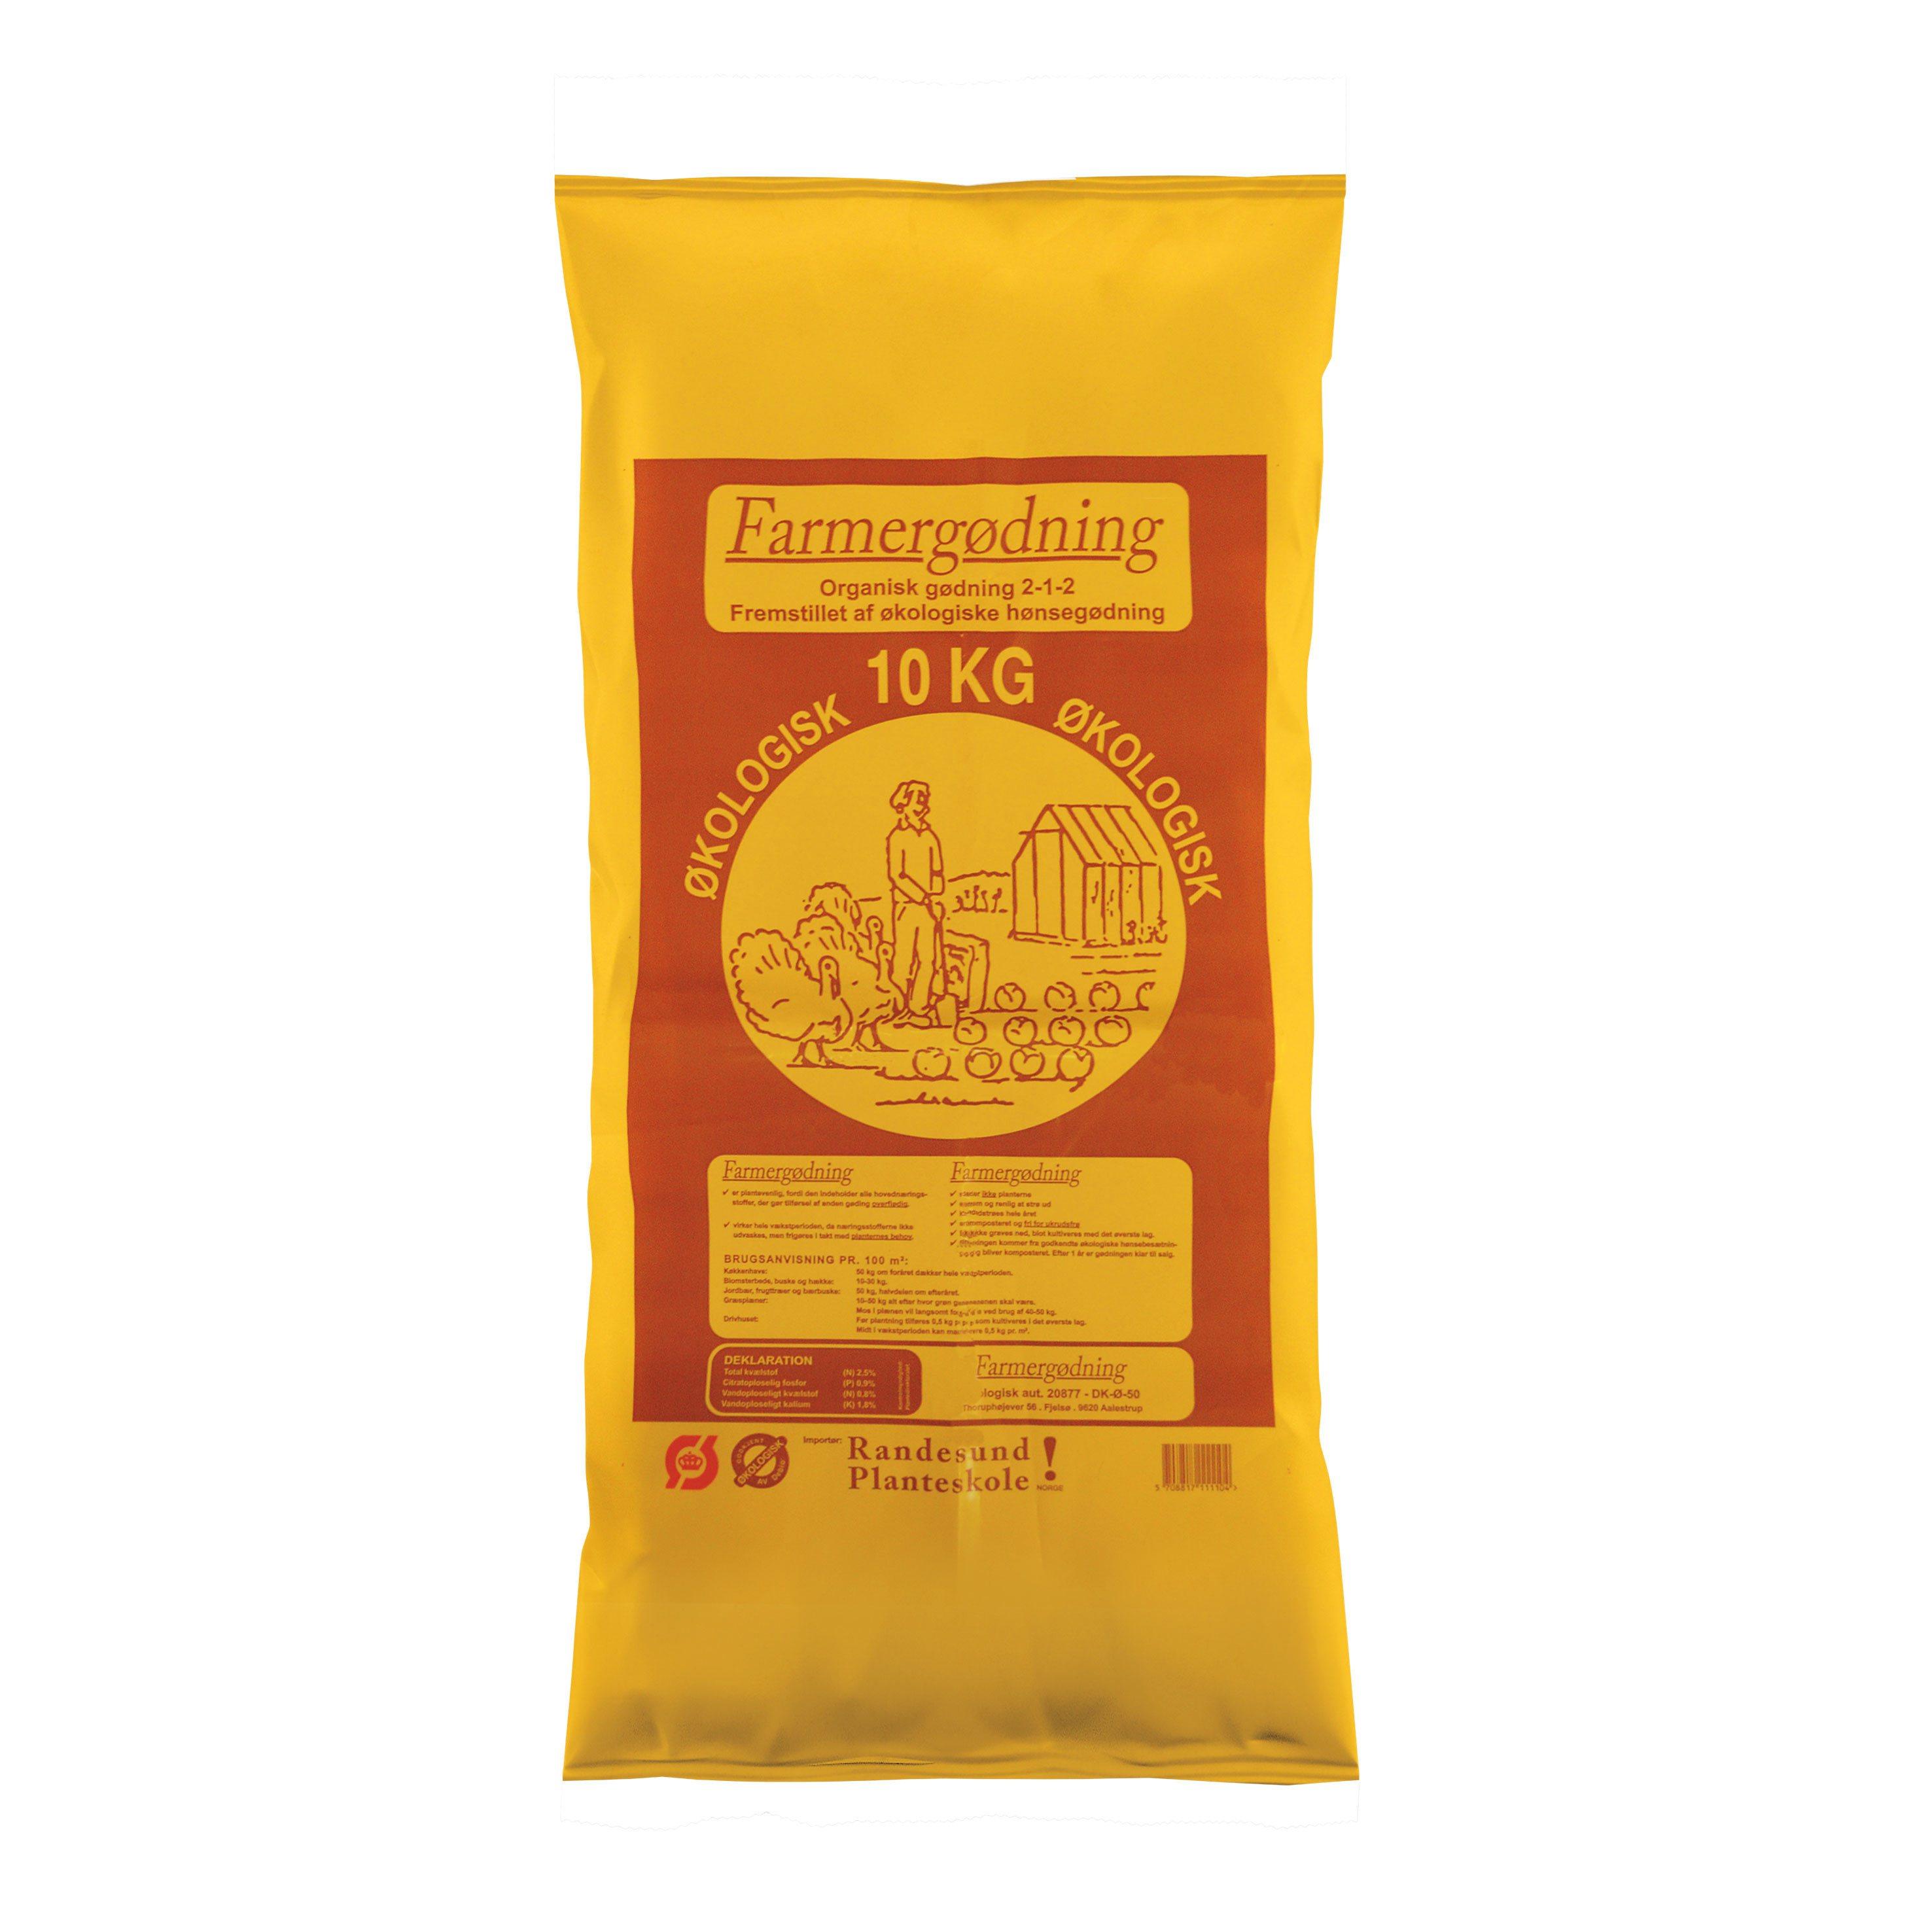 Farmergødning Økologisk Hønsegødning granulat - 10 kg